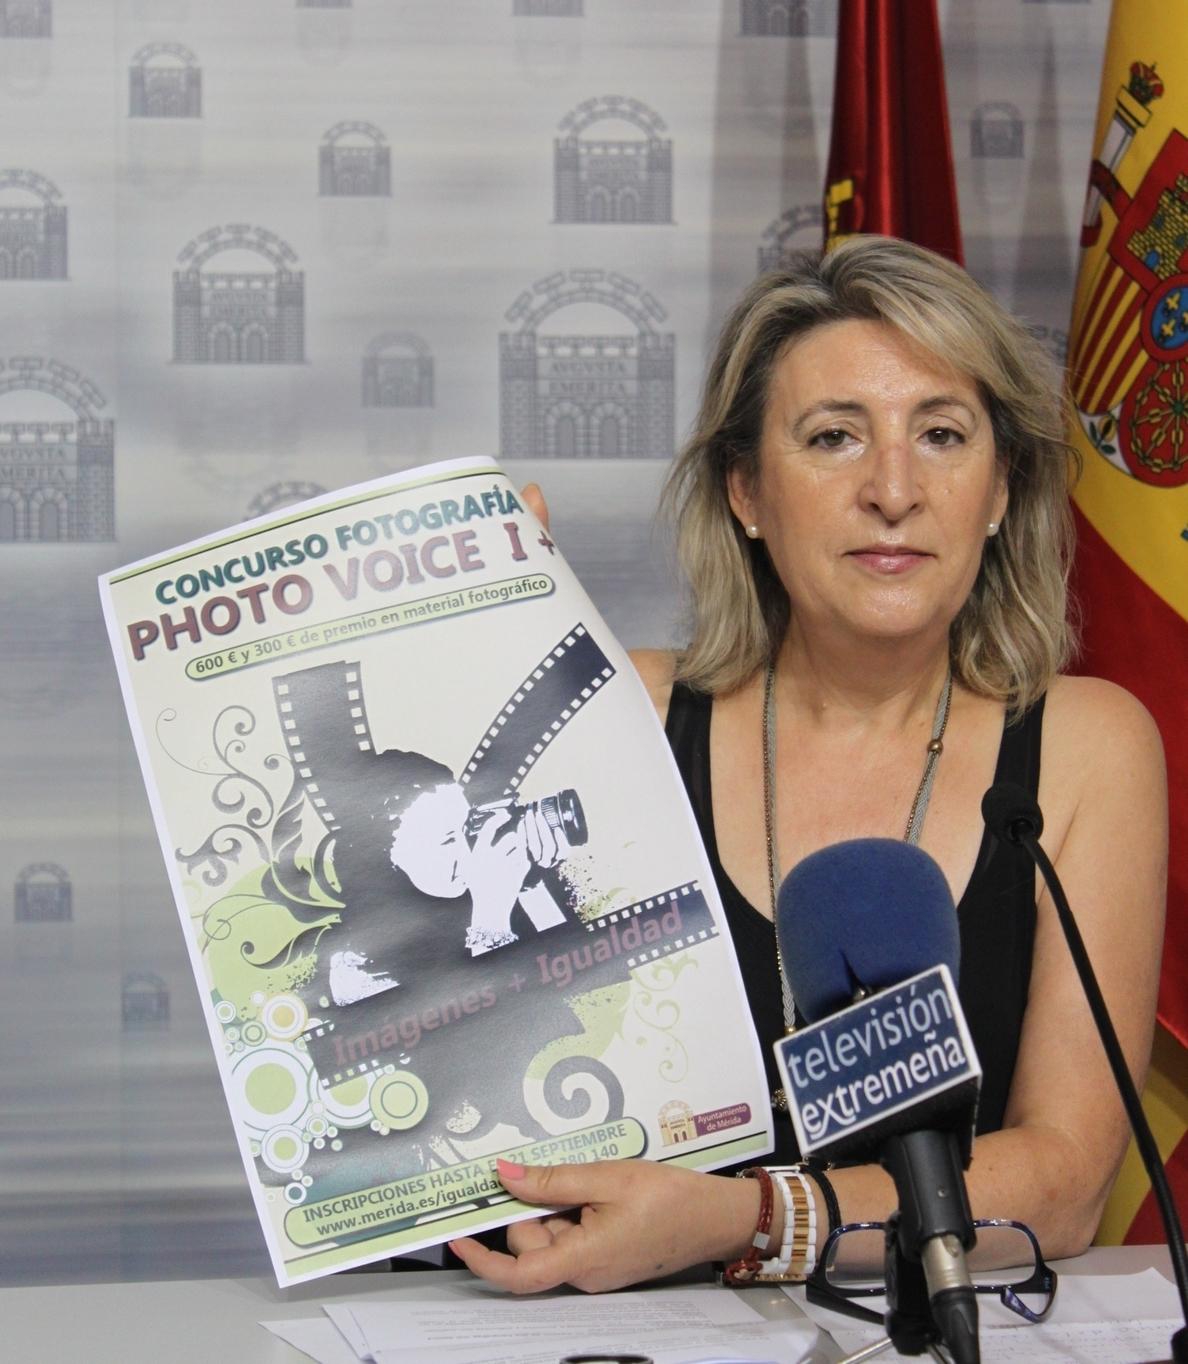 Un concurso fotográfico en Mérida sobre la igualdad de género repartirá 900 euros en material fotográfico